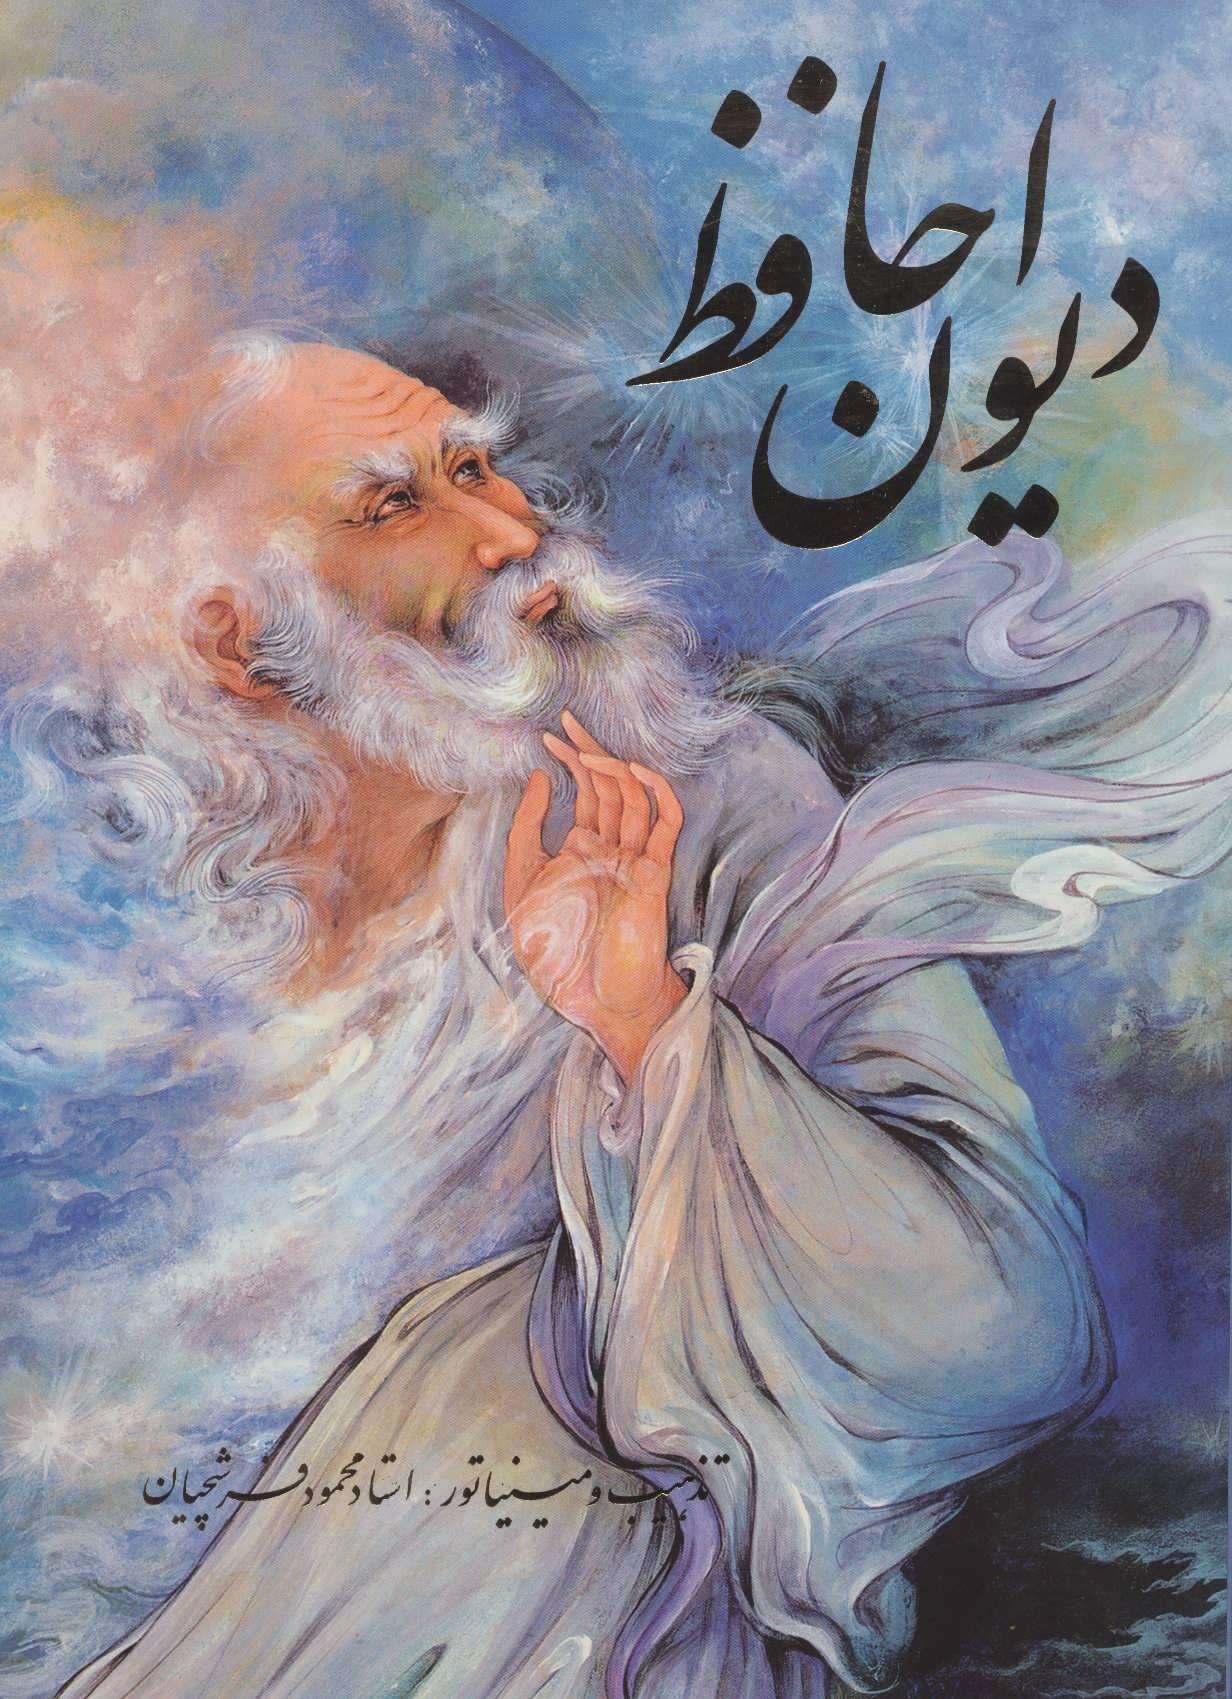 دیوان حافظ فرشچیان (2زبانه،گلاسه،باقاب)